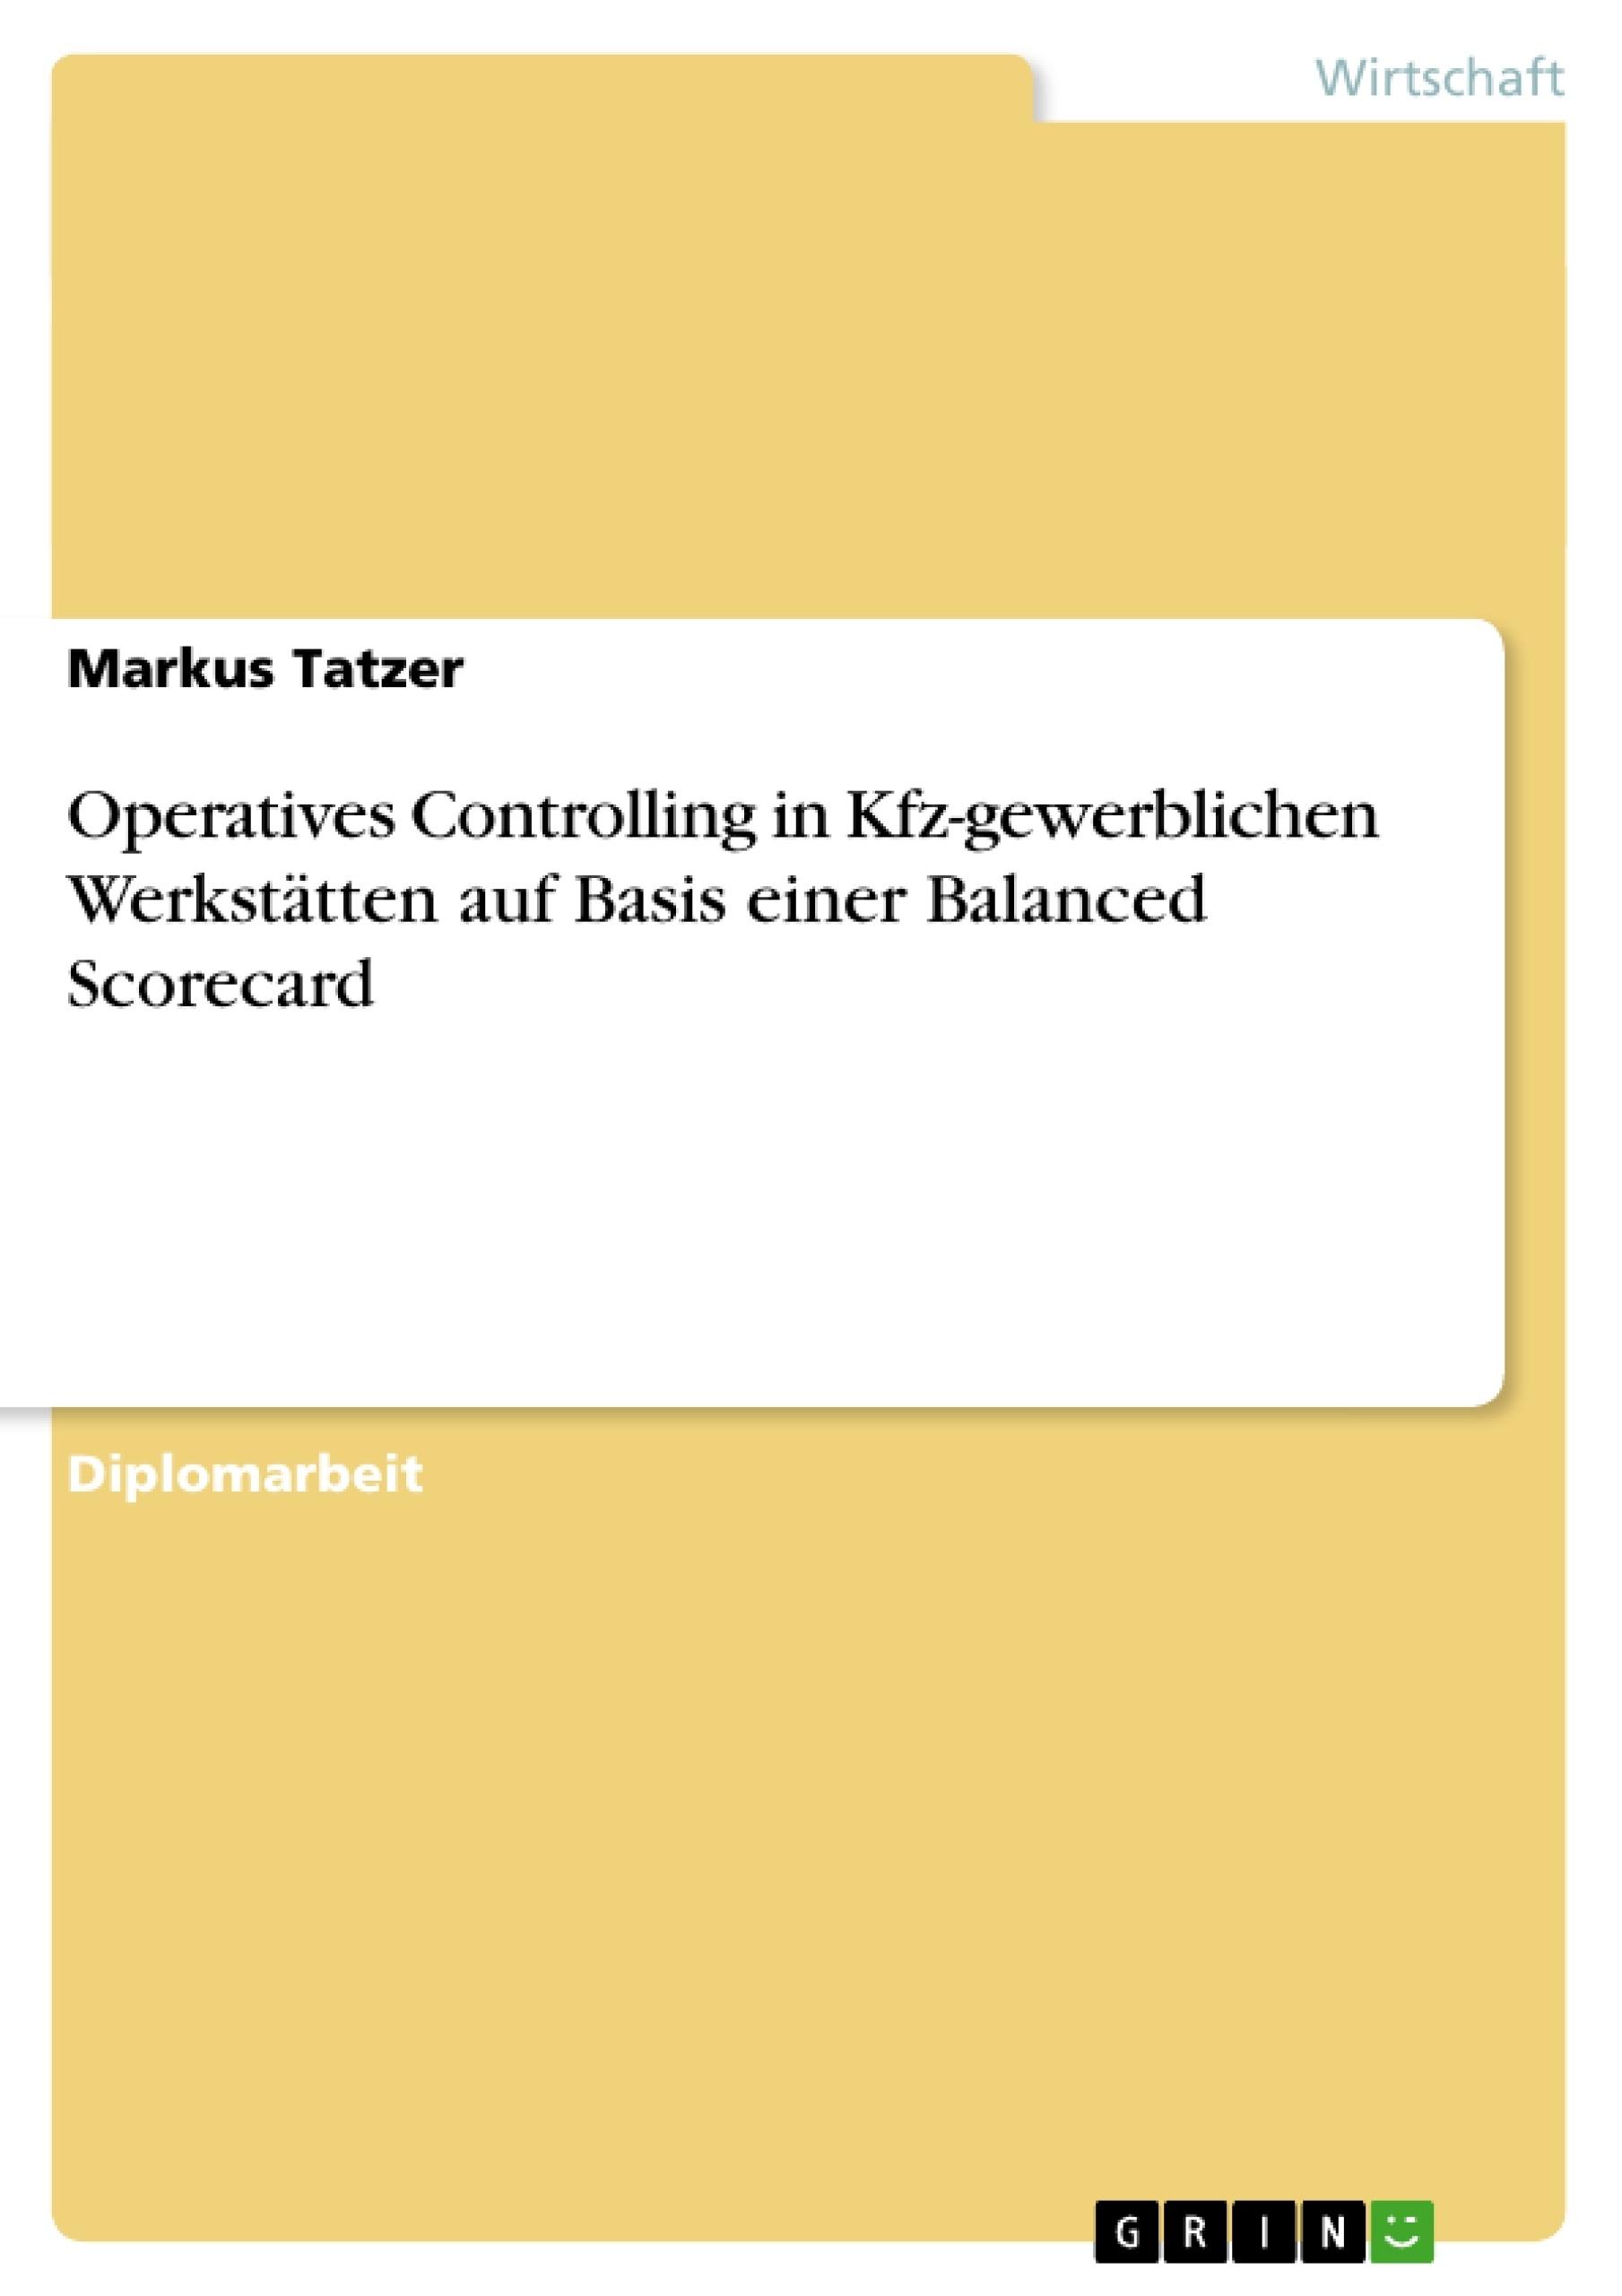 Titel: Operatives Controlling in Kfz-gewerblichen Werkstätten auf Basis einer Balanced Scorecard